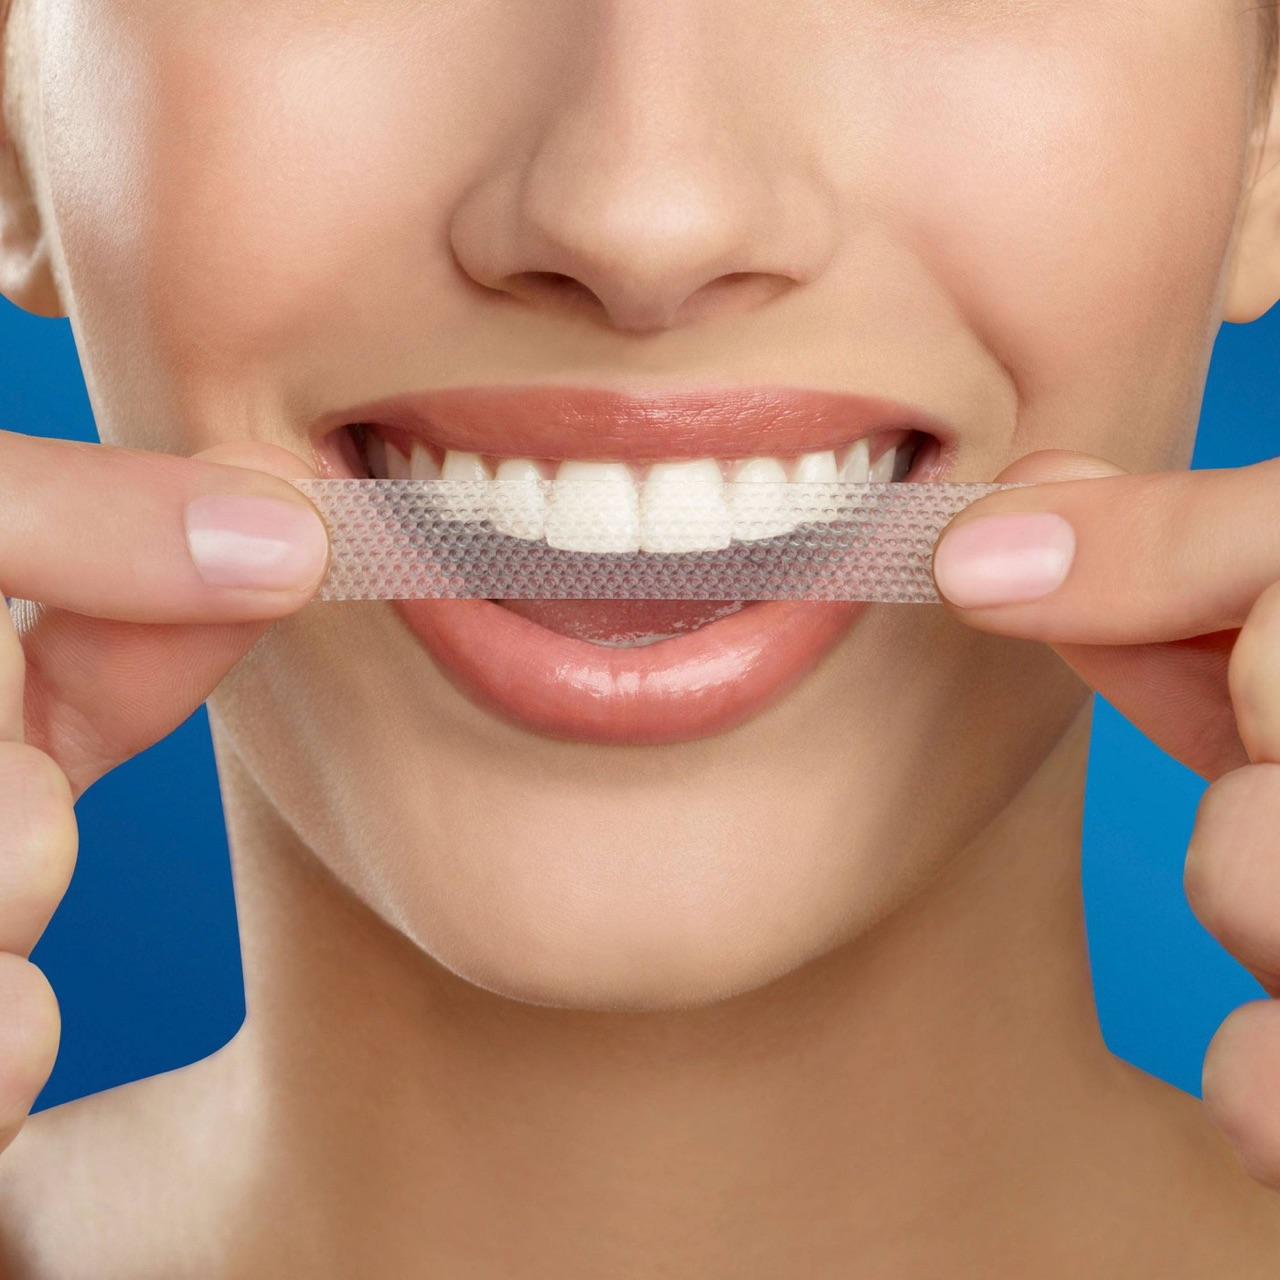 する 市販 歯 を 白く